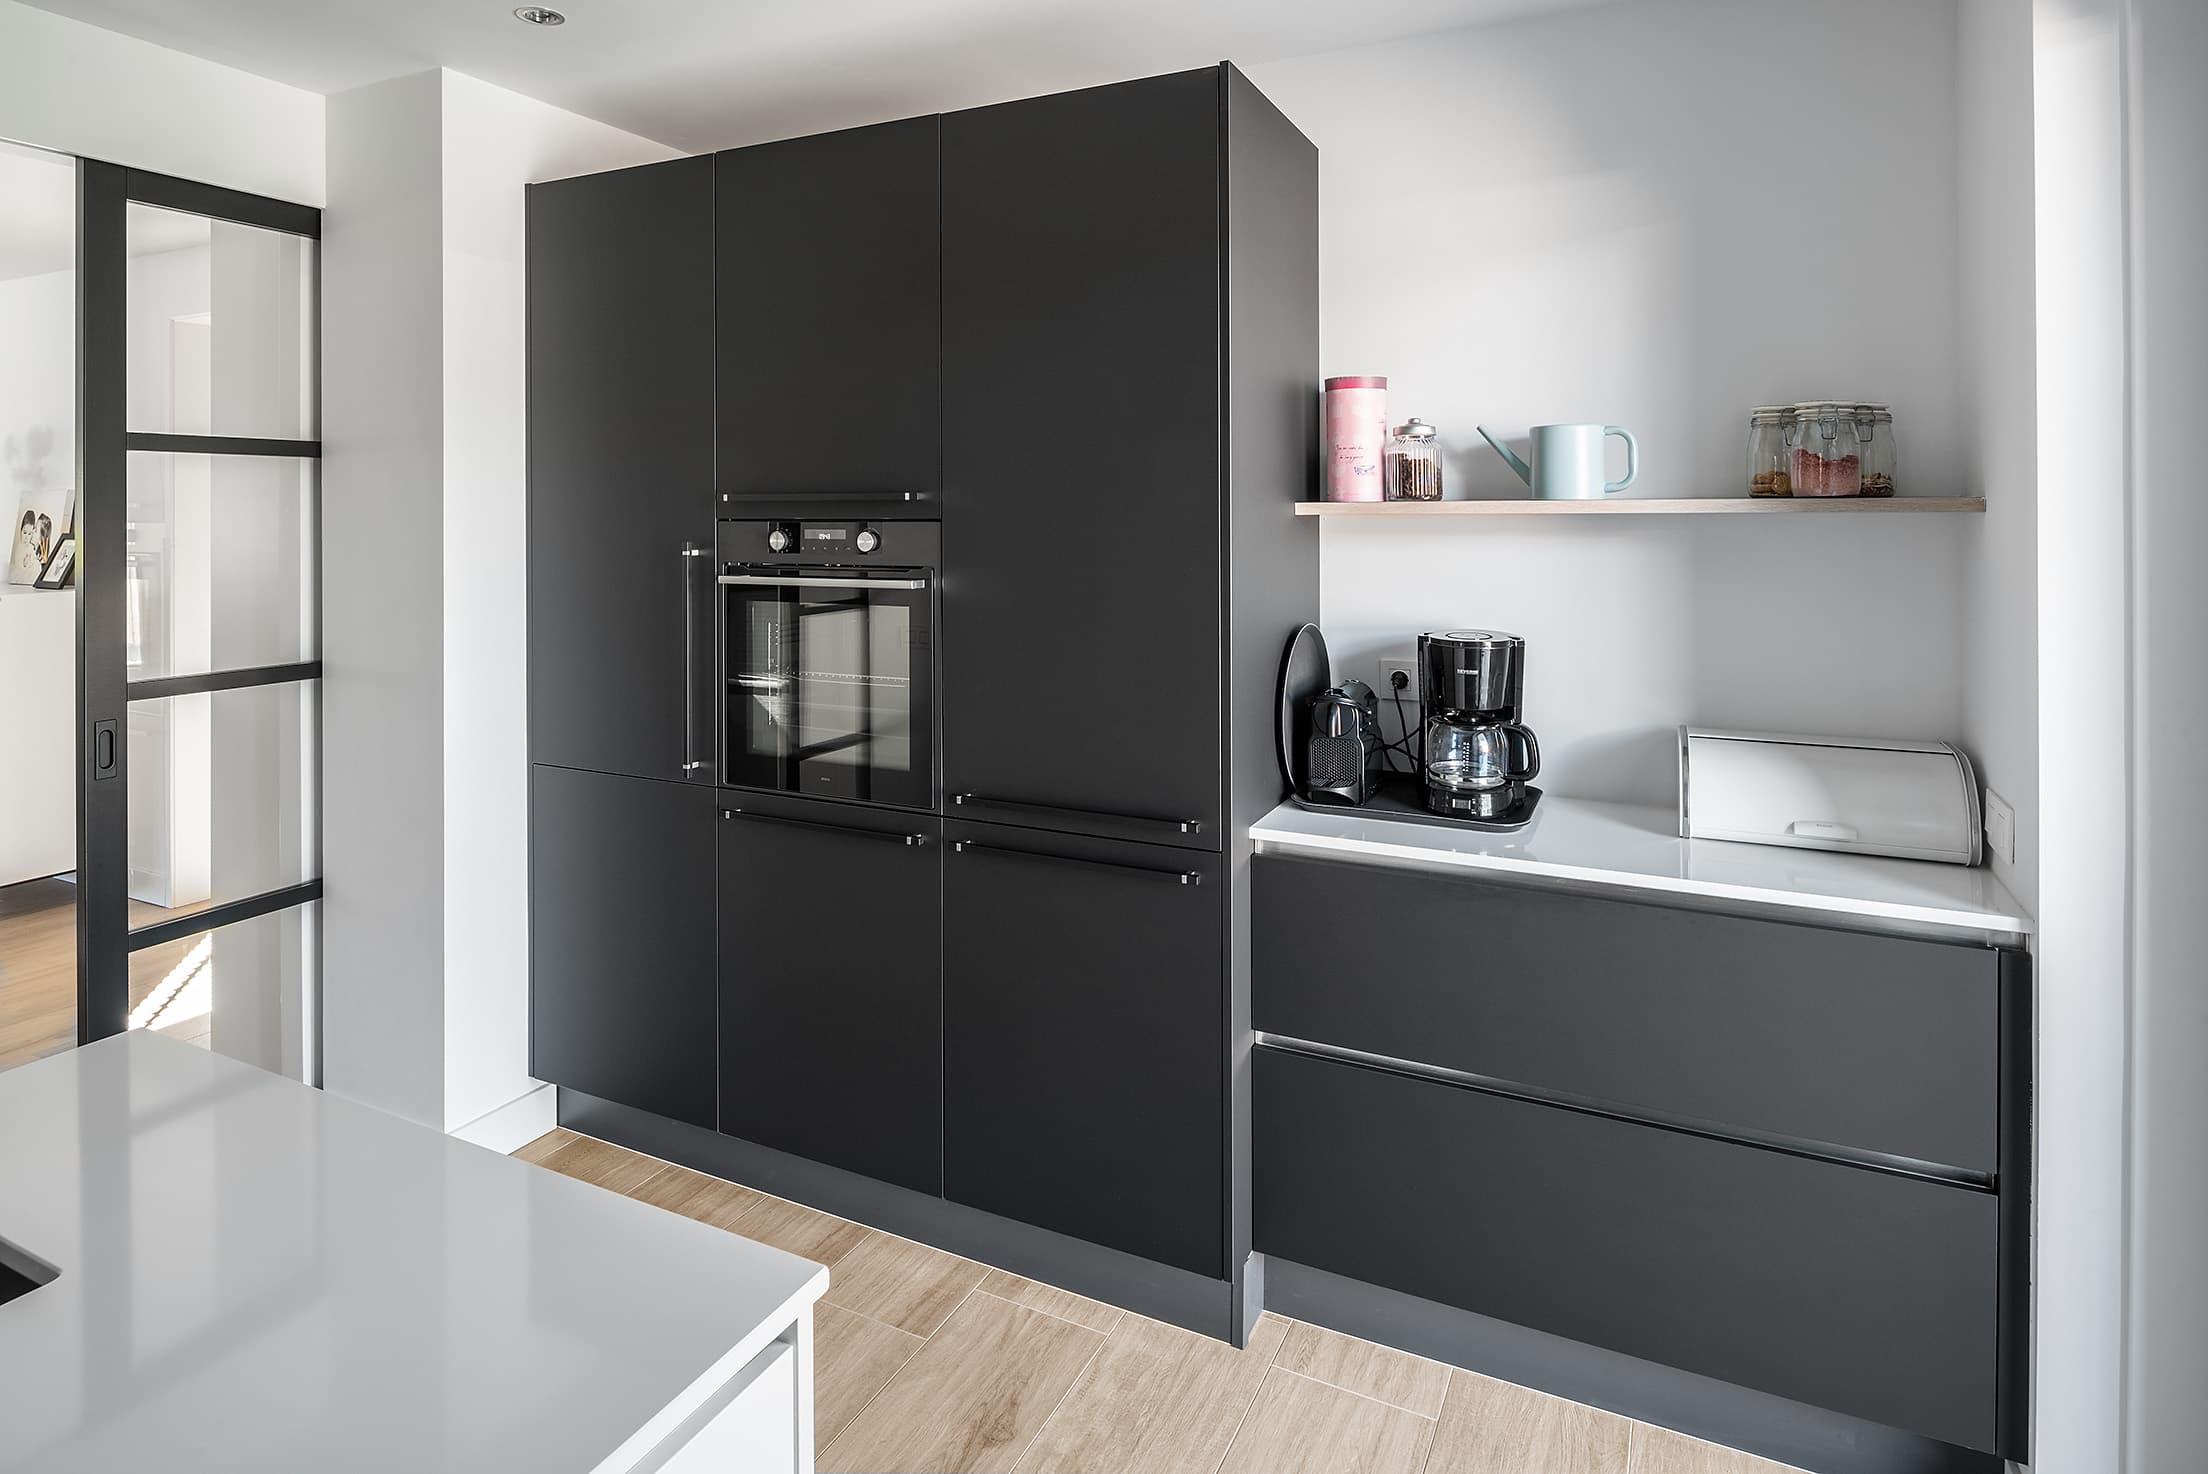 Moderne Keuken Matzwart En Hoogglans Wit Gecombineerd Keukenstudio Regio Oost